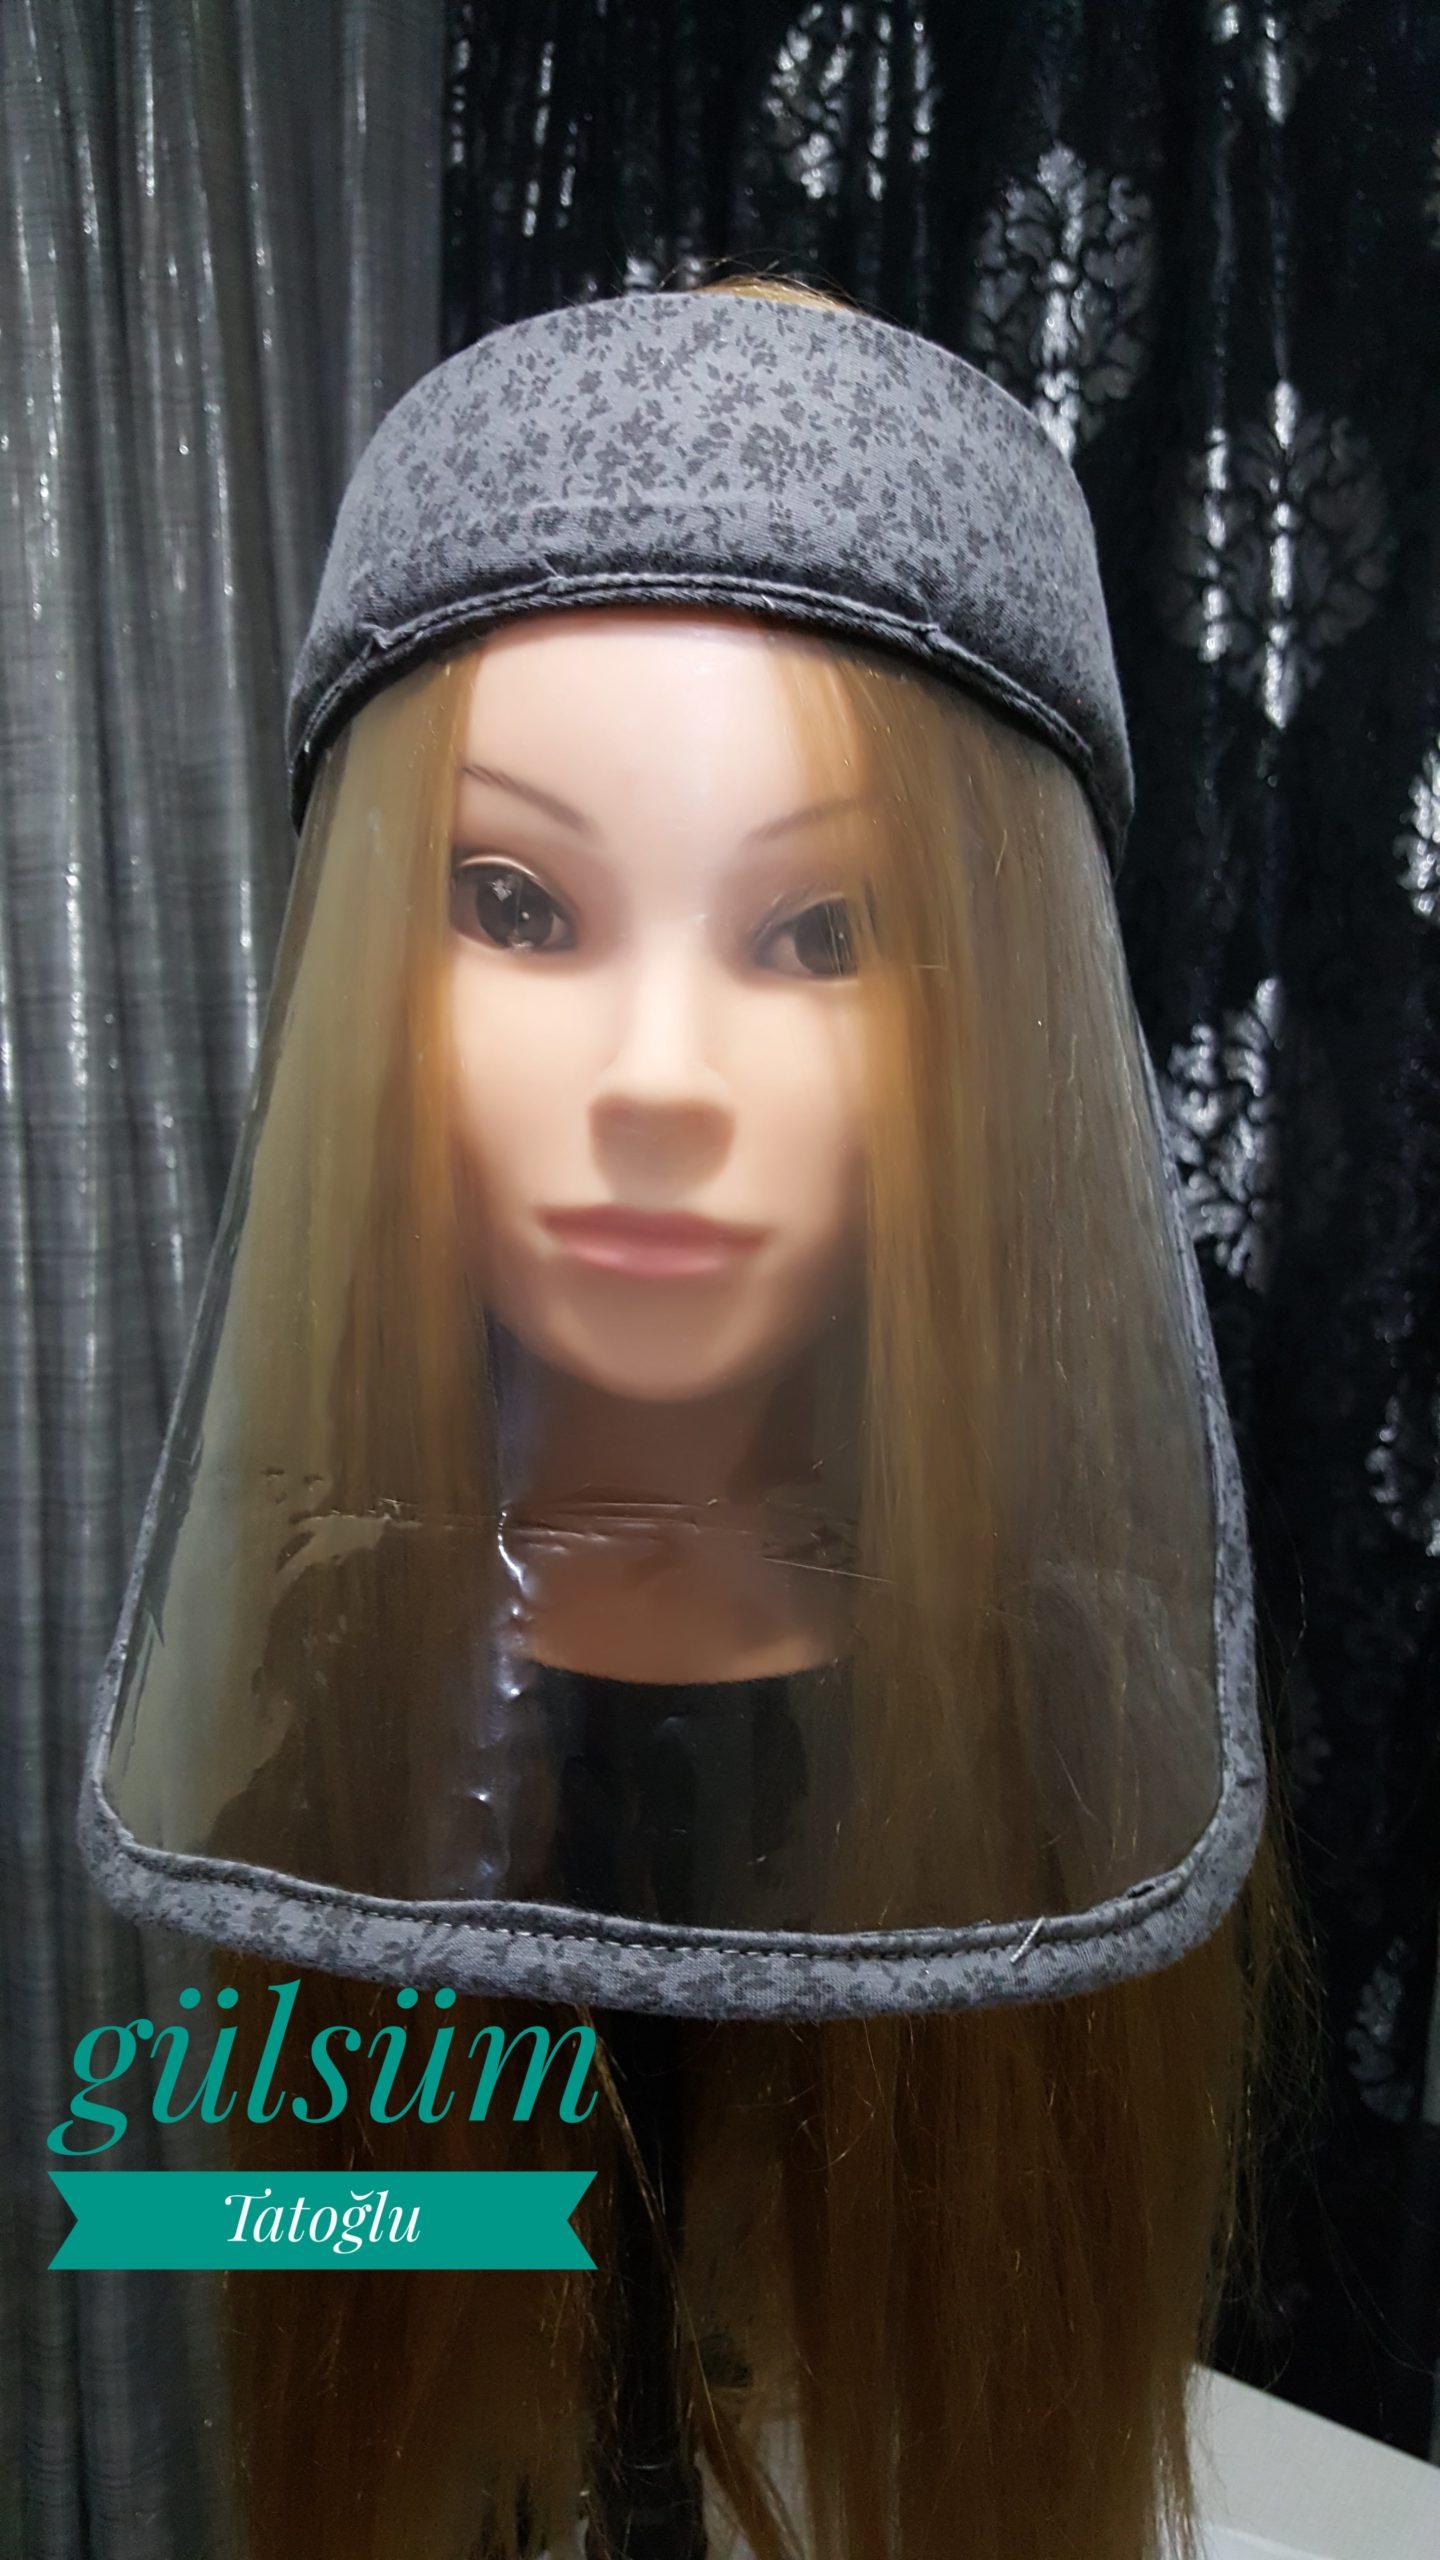 DIY/ FACE SHIELD MASK / YÜZ KALKANI MASKESİ NASIL YAPILIR? #yüzkalkanı, #faceshieldmask, #howtomake